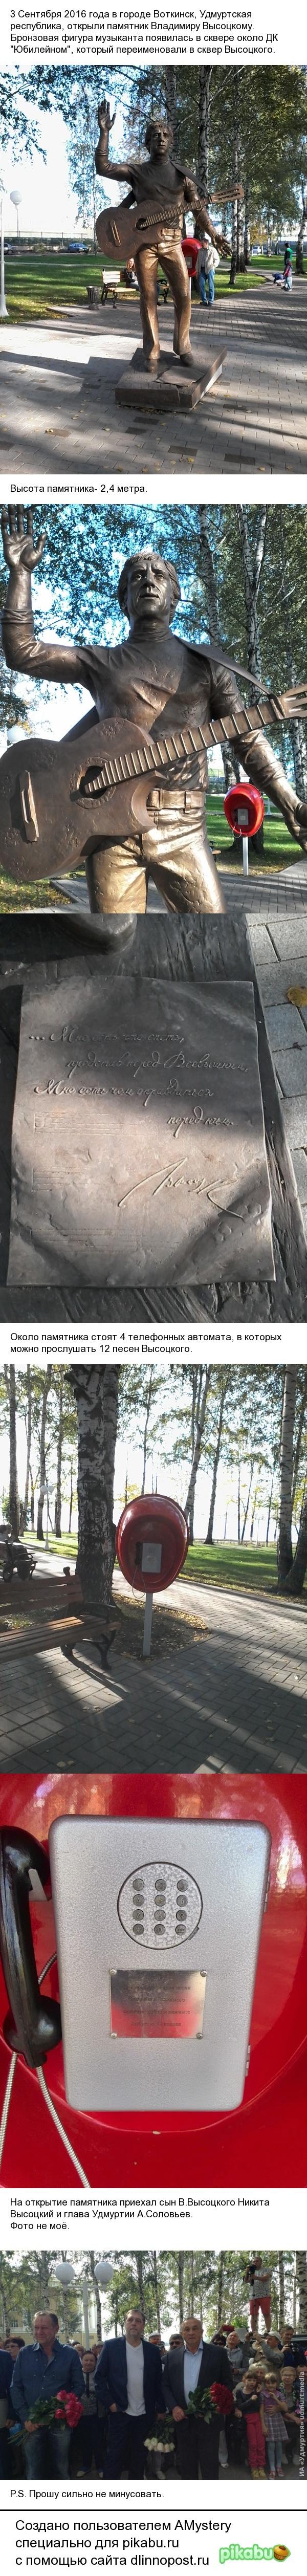 Памятник Высоцкому в Воткинске. Воткинск, Удмуртия, Владимир Высоцкий, моё, длиннопост